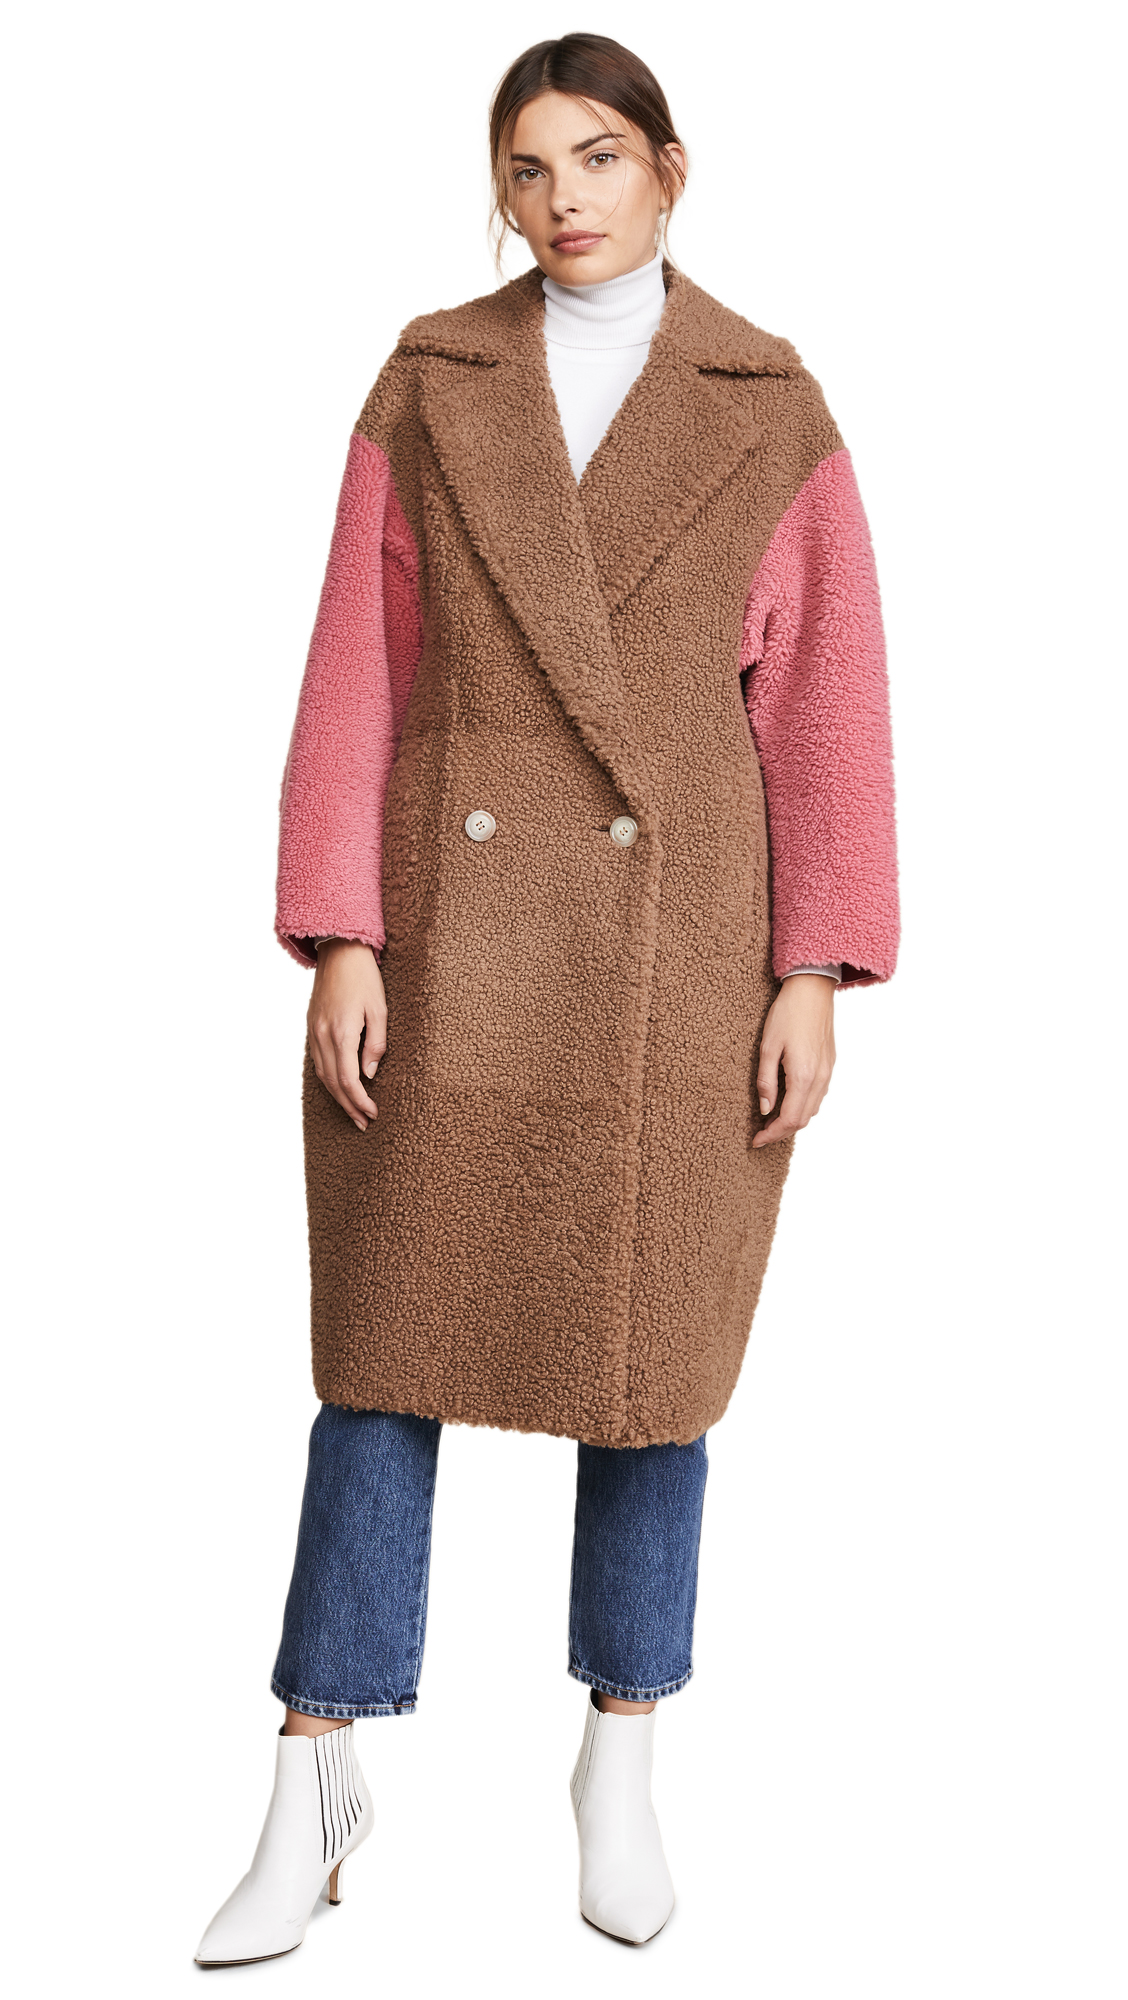 ANNE VEST Coze Coat in Brown/Pink